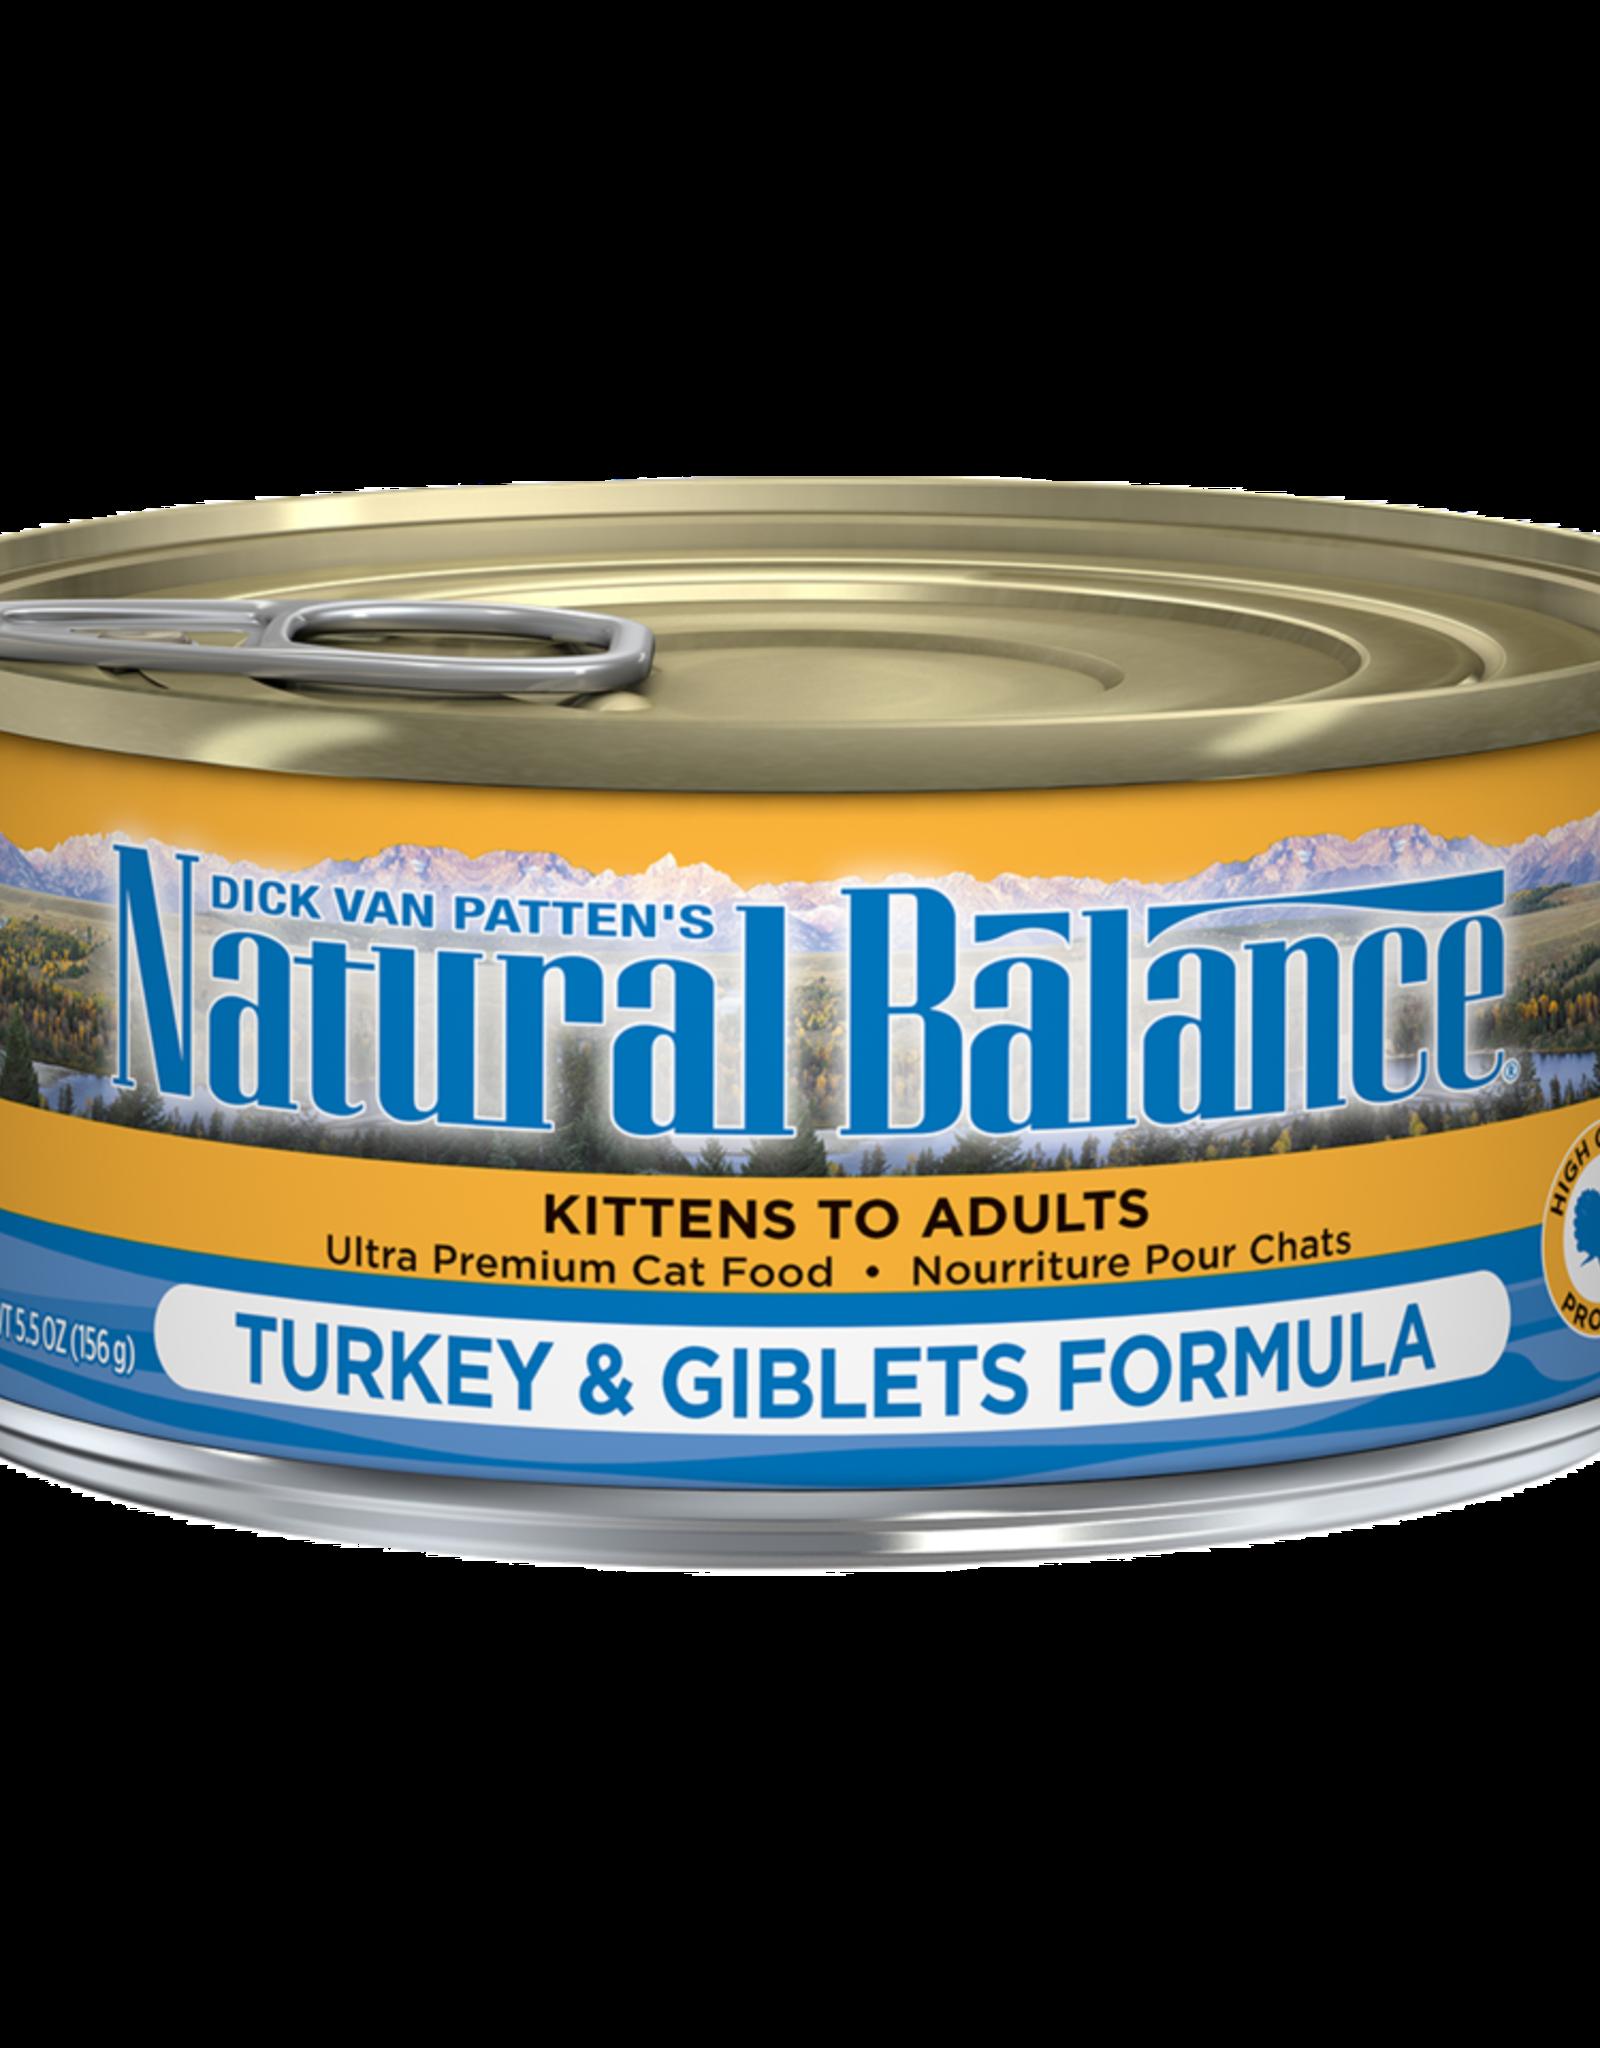 NATURAL BALANCE PET FOODS, INC NATURAL BALANCE CAT CAN TURKEY & GIBLETS 3OZ